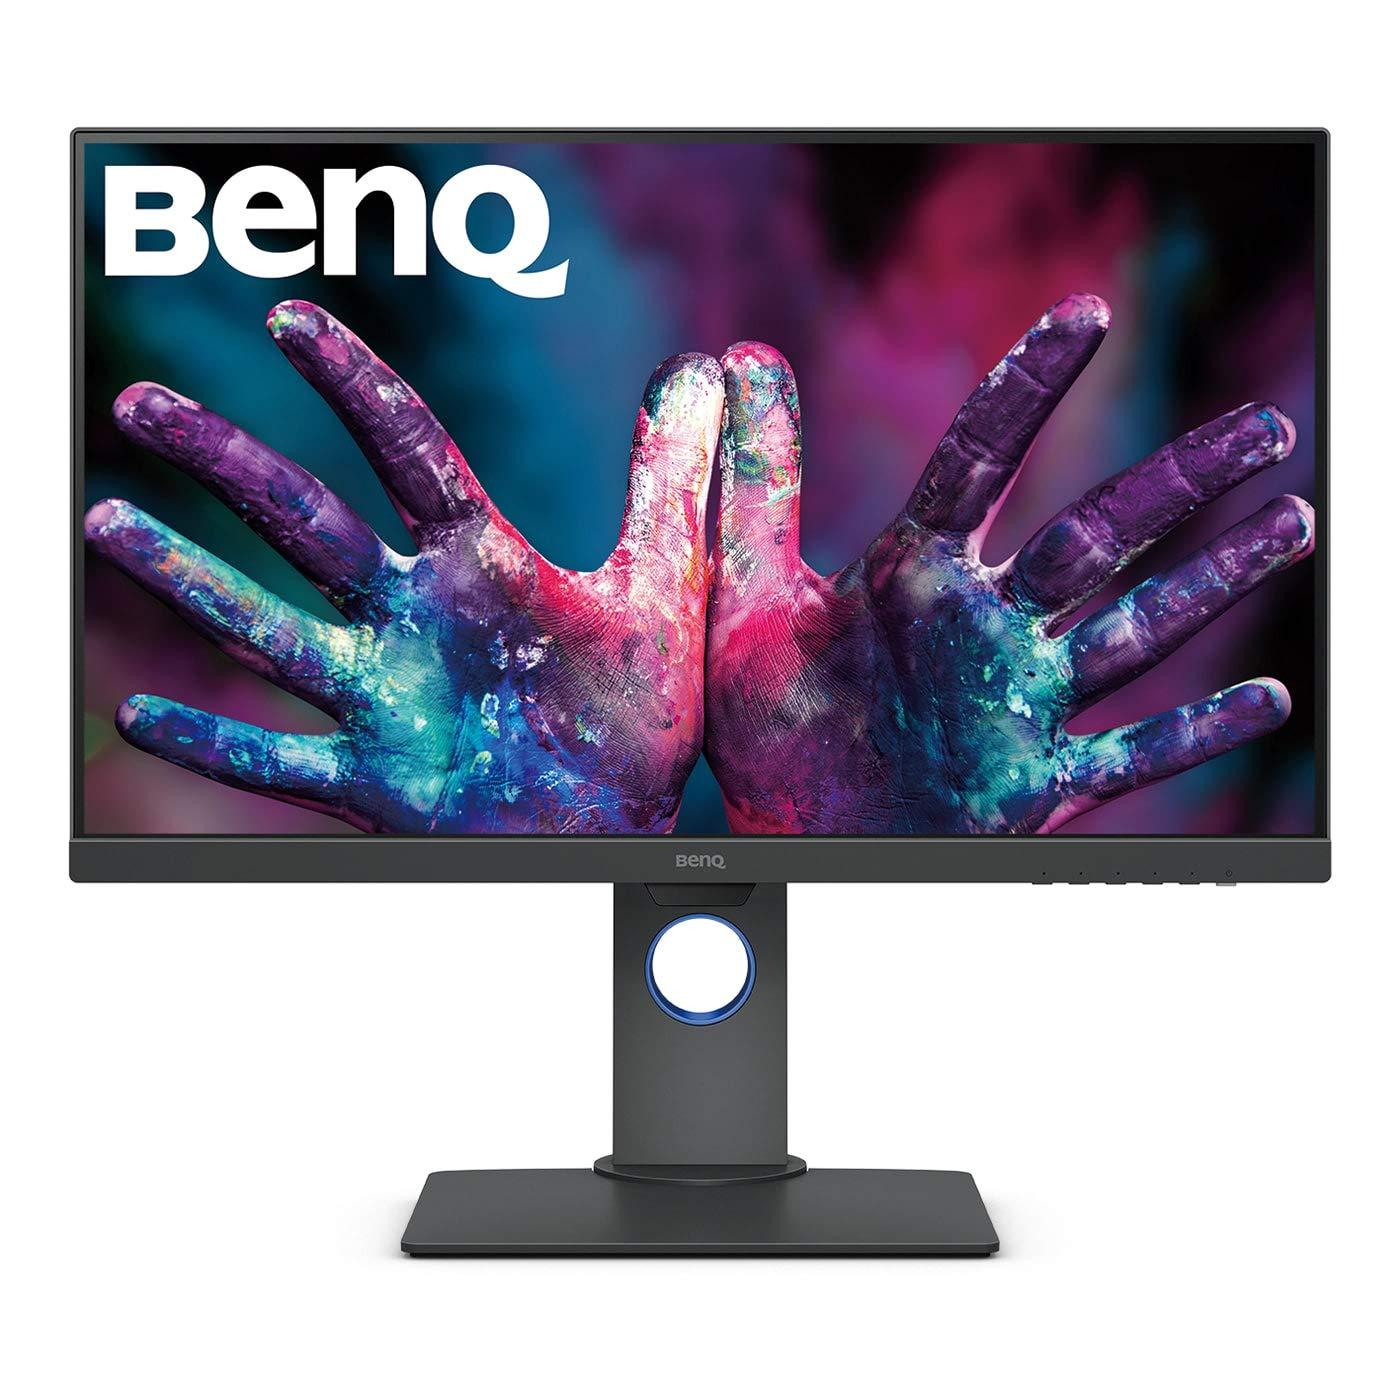 Das ist ein Bild des BenQ PD2700U Monitors